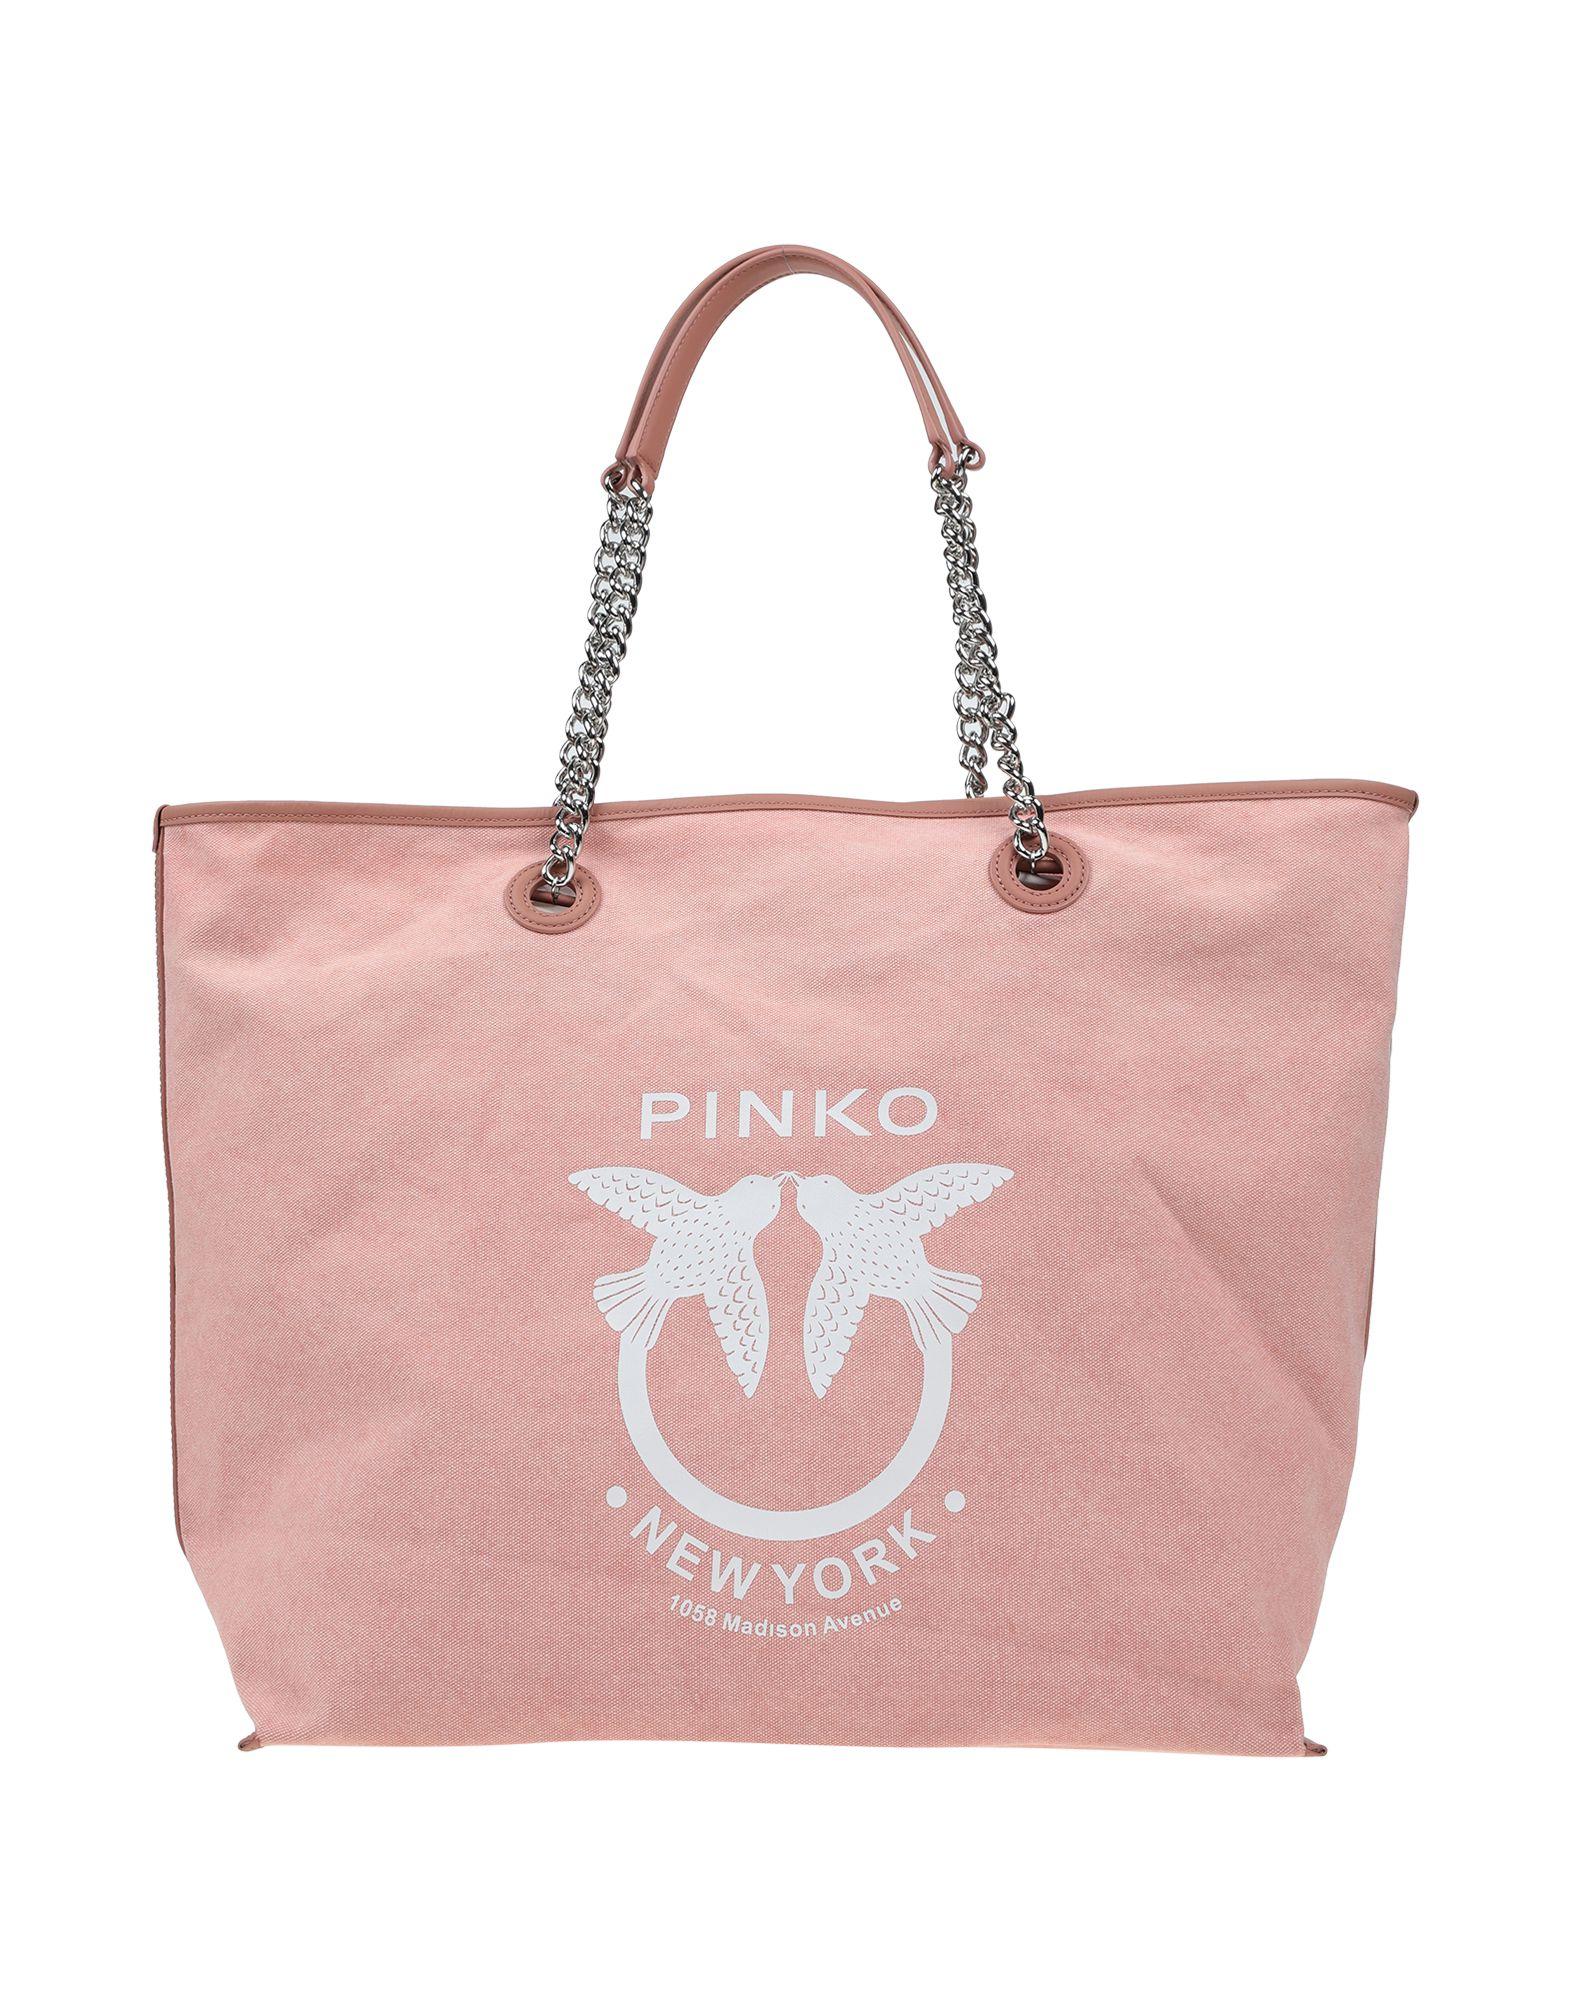 Borse Donna Pinko Collezione Primavera-Estate e Autunno-Inverno - Acquista  online su YOOX 70652d8ec4b